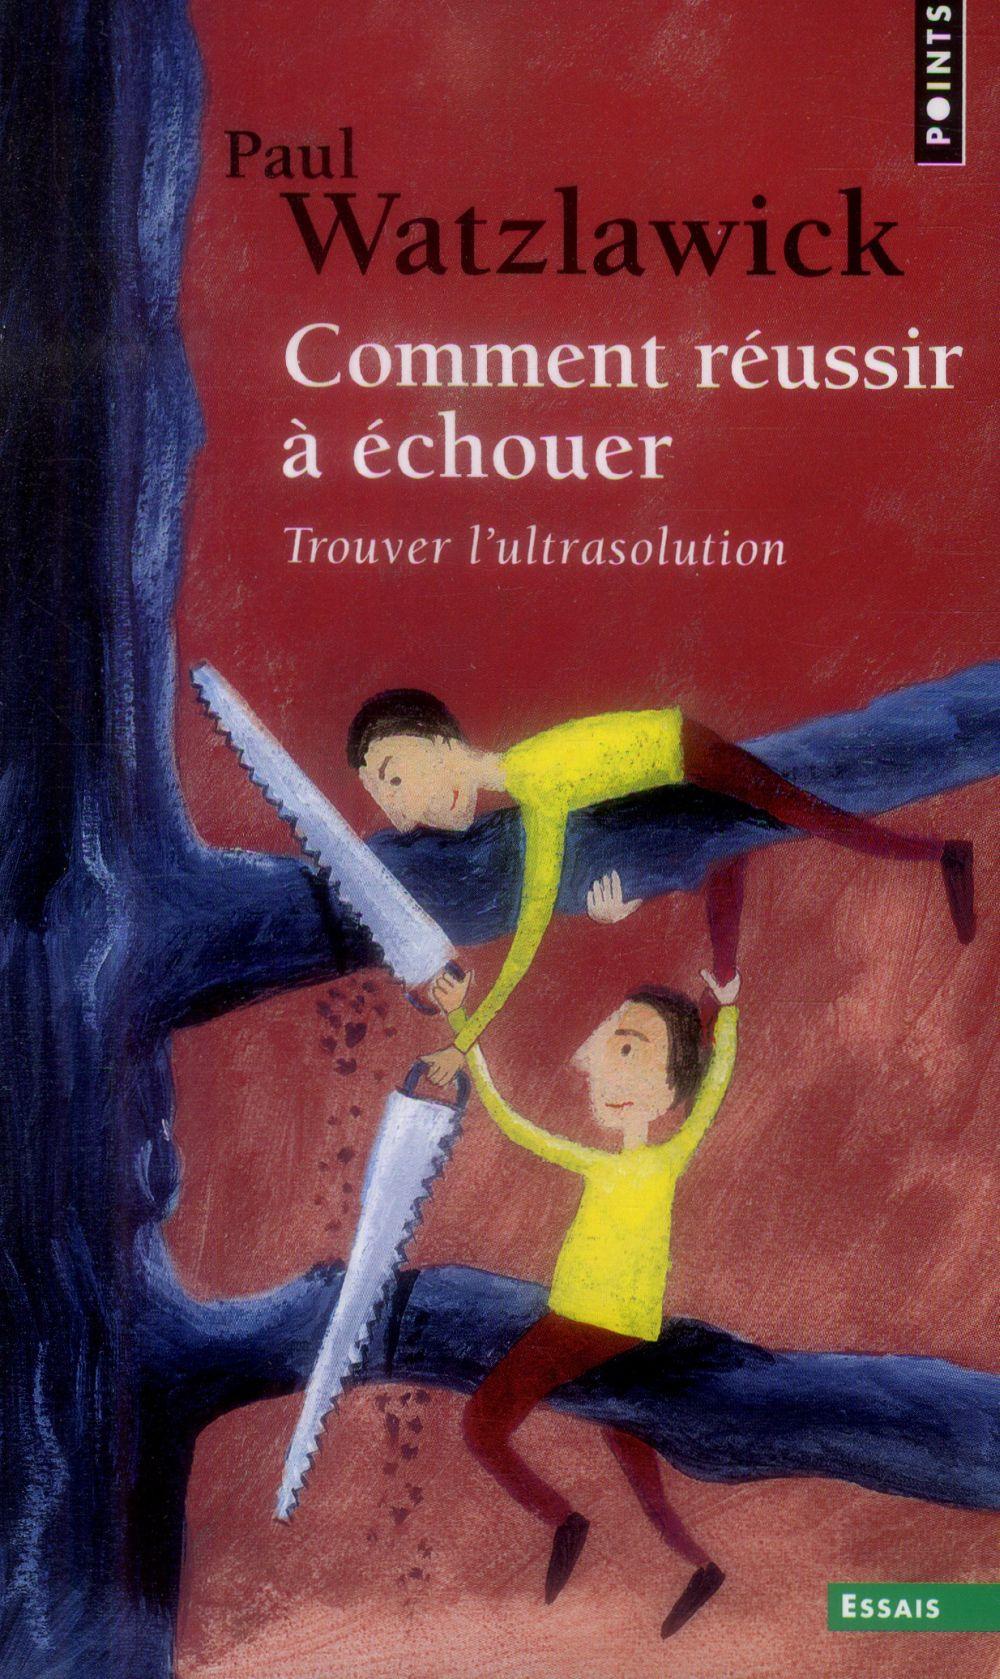 COMMENT REUSSIR A ECHOUER  -  TROUVER L'ULTRASOLUTION